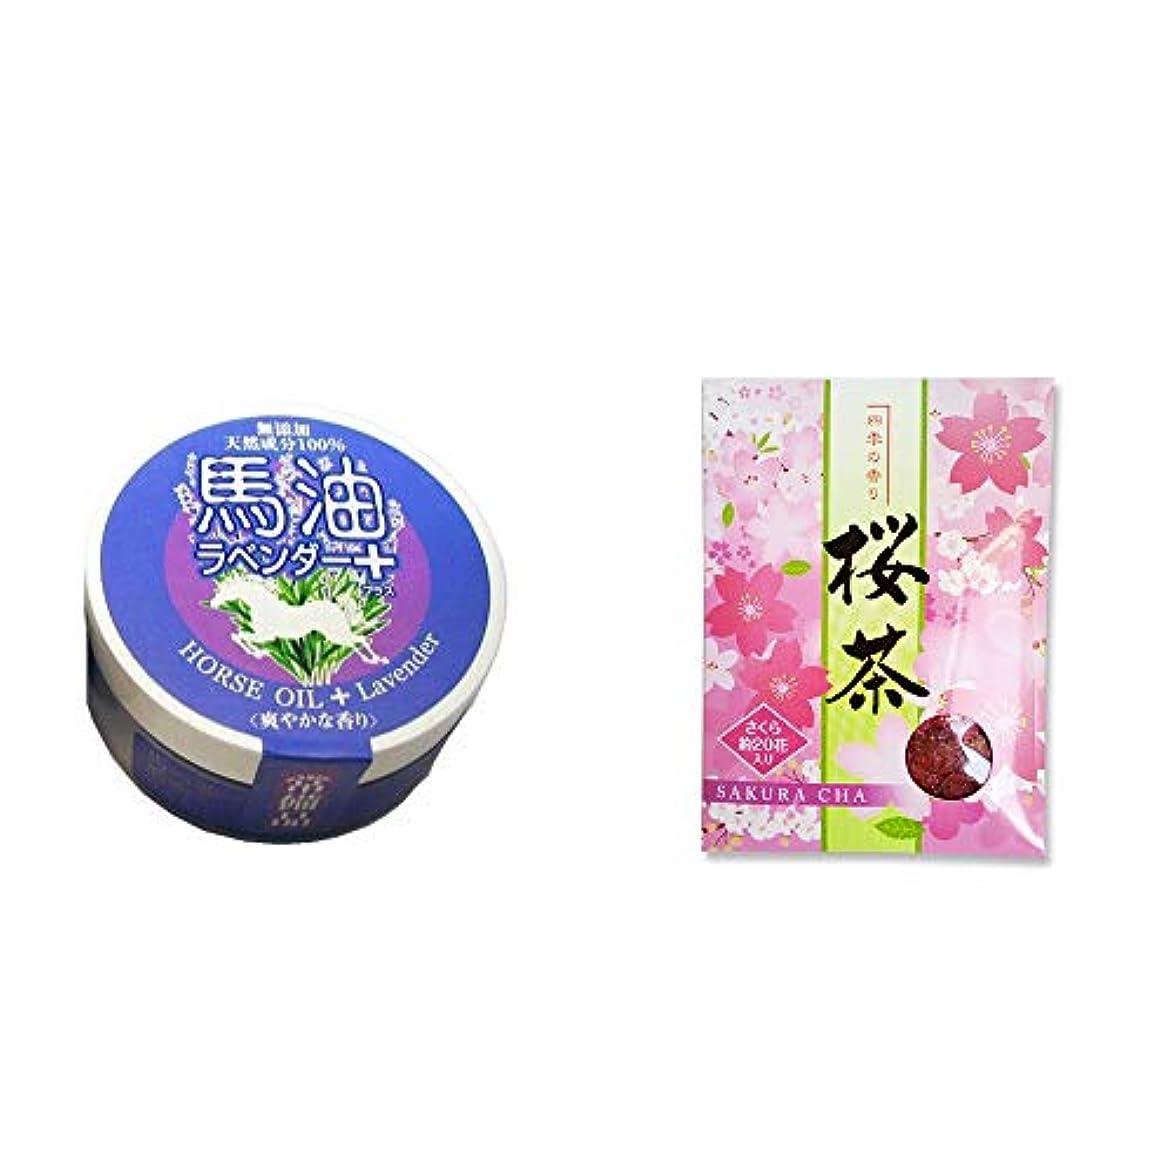 異常なドリンク夫婦[2点セット] 無添加天然成分100% 馬油[ラベンダー](38g)?桜茶(40g)